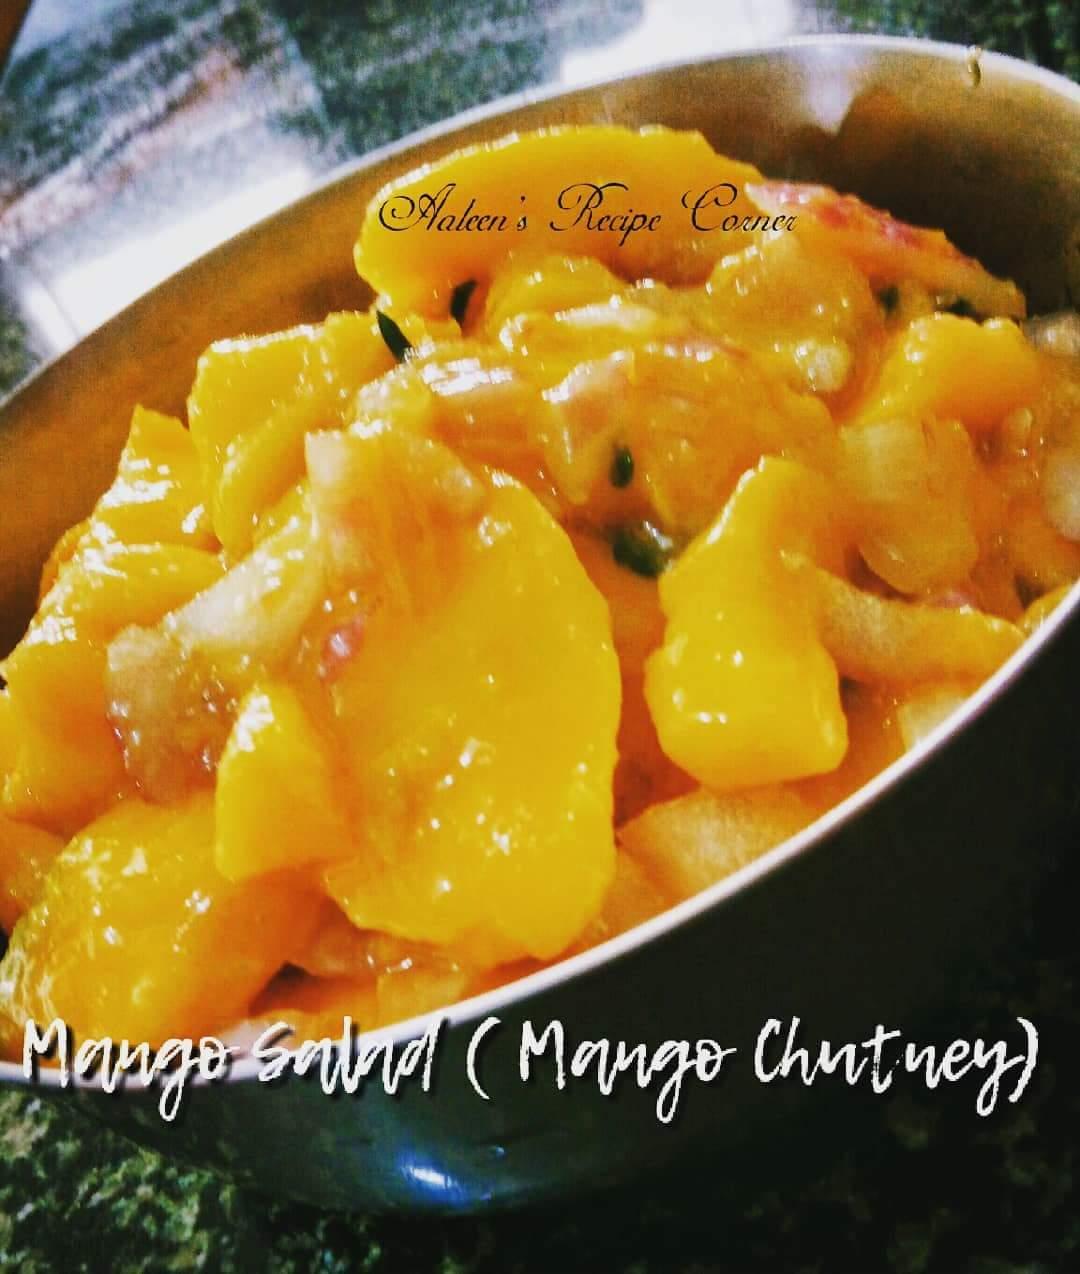 Ripe Mango Chutney | Mango Salad